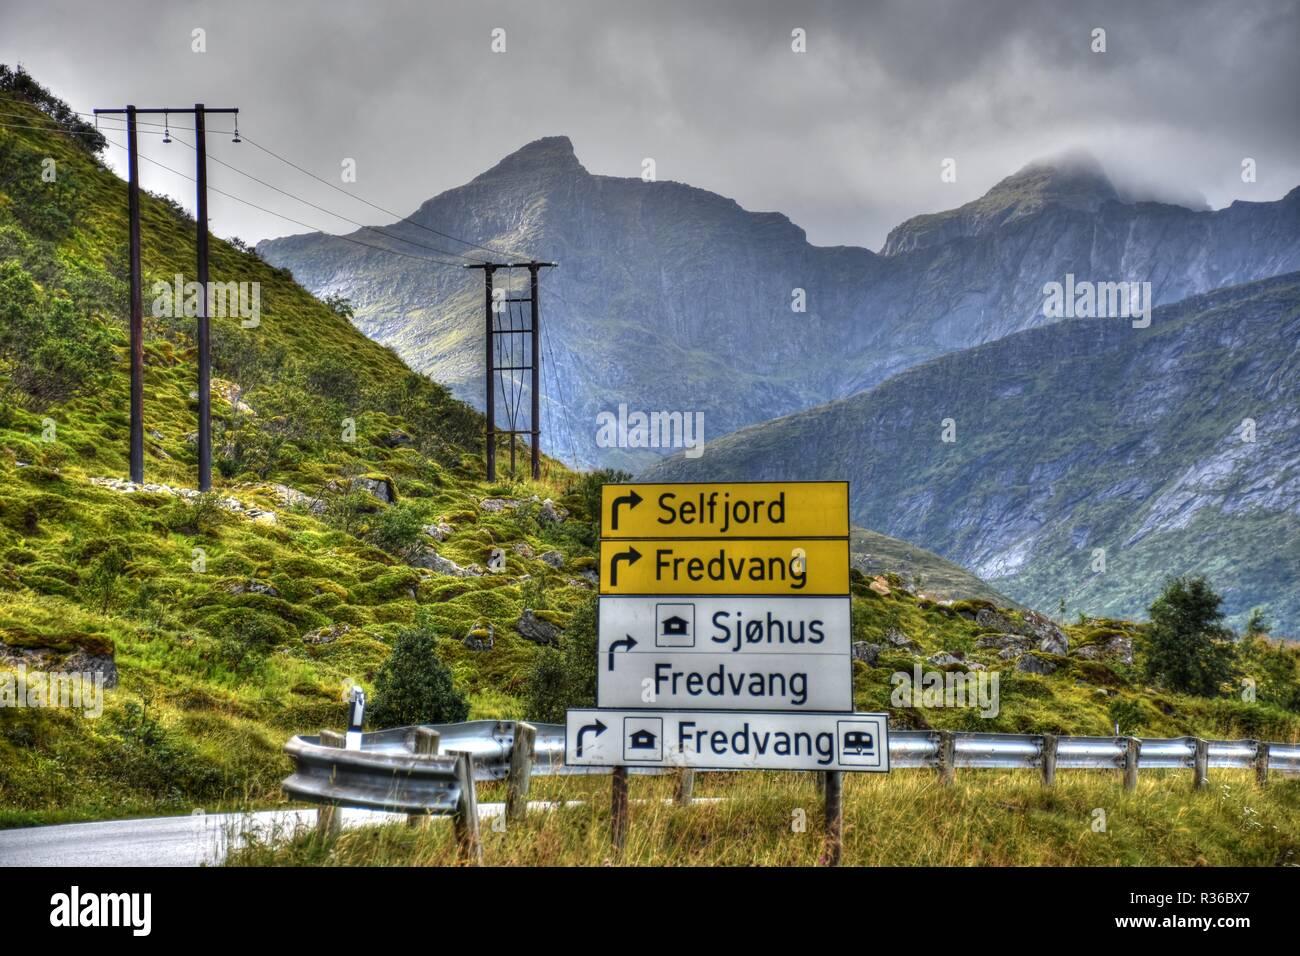 Wegweiser, Verkehrszeichen, Tafel, Schild, Lofoten, Fredvang, Seltfjord, Norwegen, Richtung, Kreuzung, Straßenkreuzung, Leitschiene, Straße, E10, E 10 - Stock Image